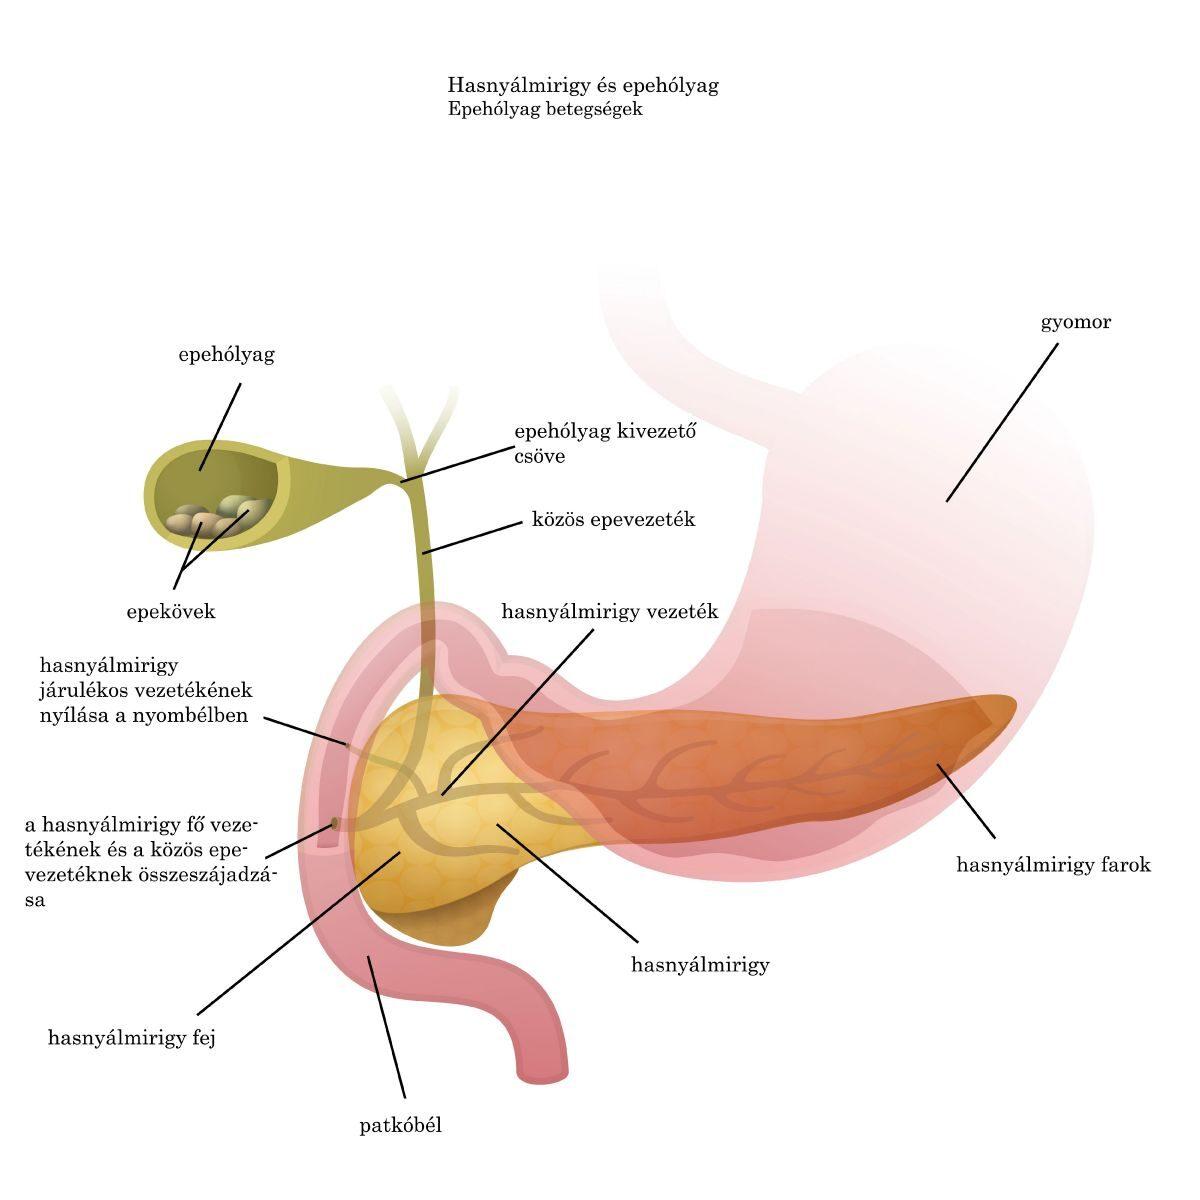 férgek az epehólyag tünetei kezelése)